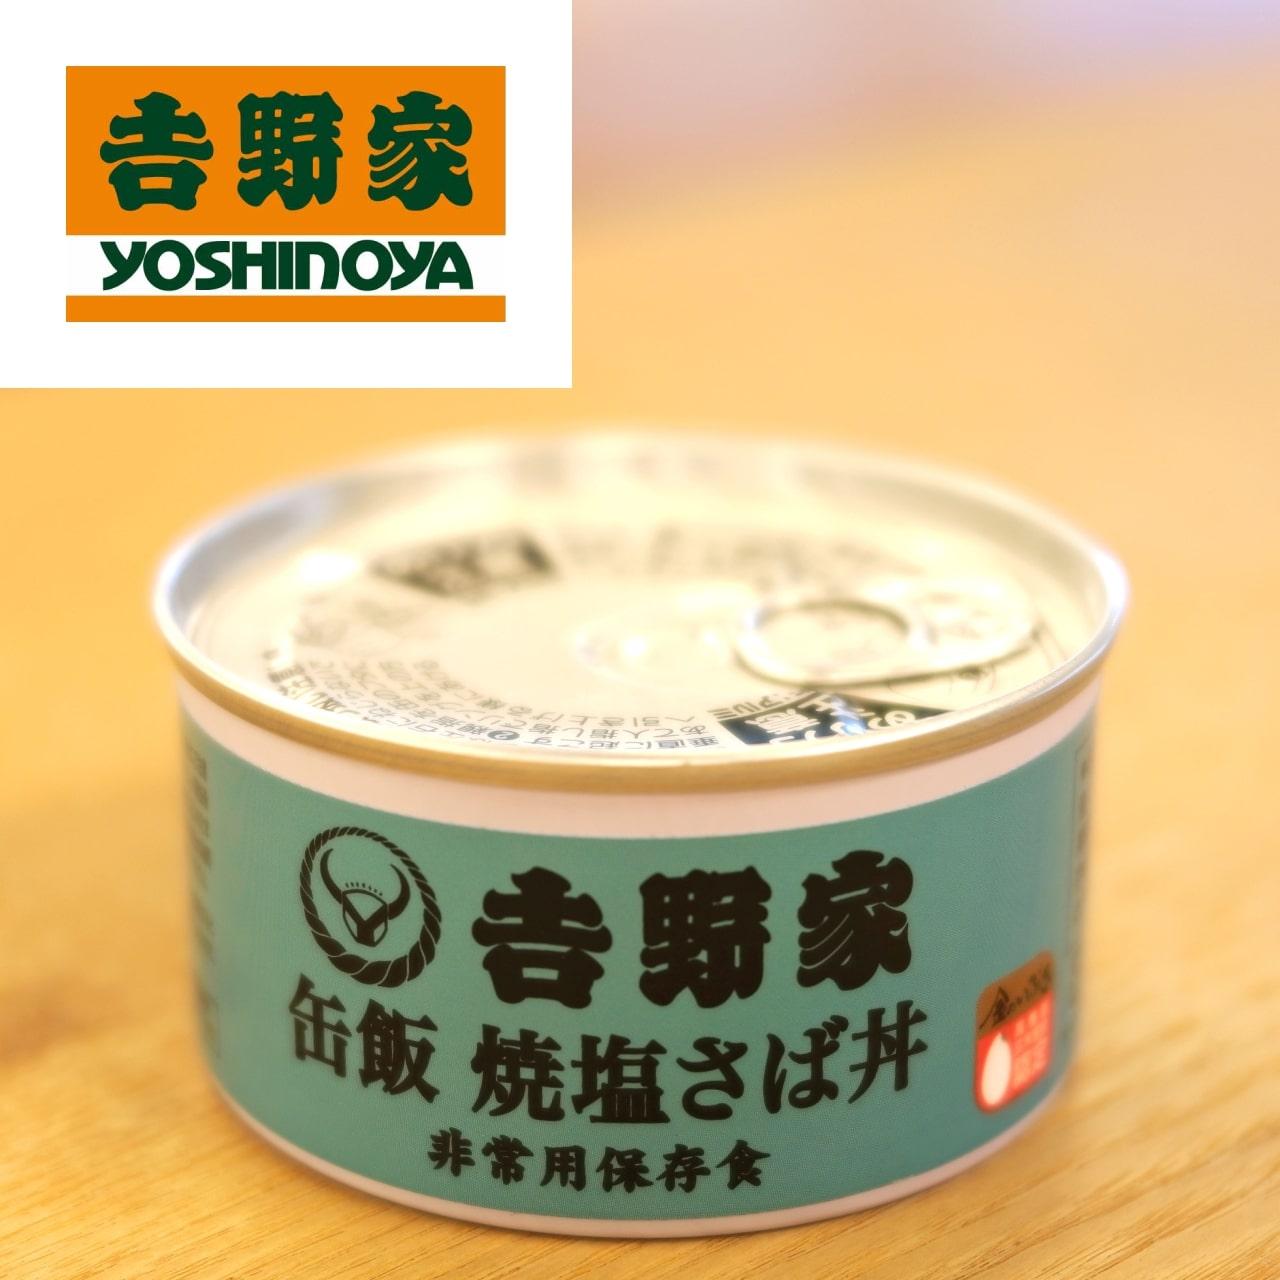 吉野家 缶飯焼塩さば丼12缶【非常用保存食】